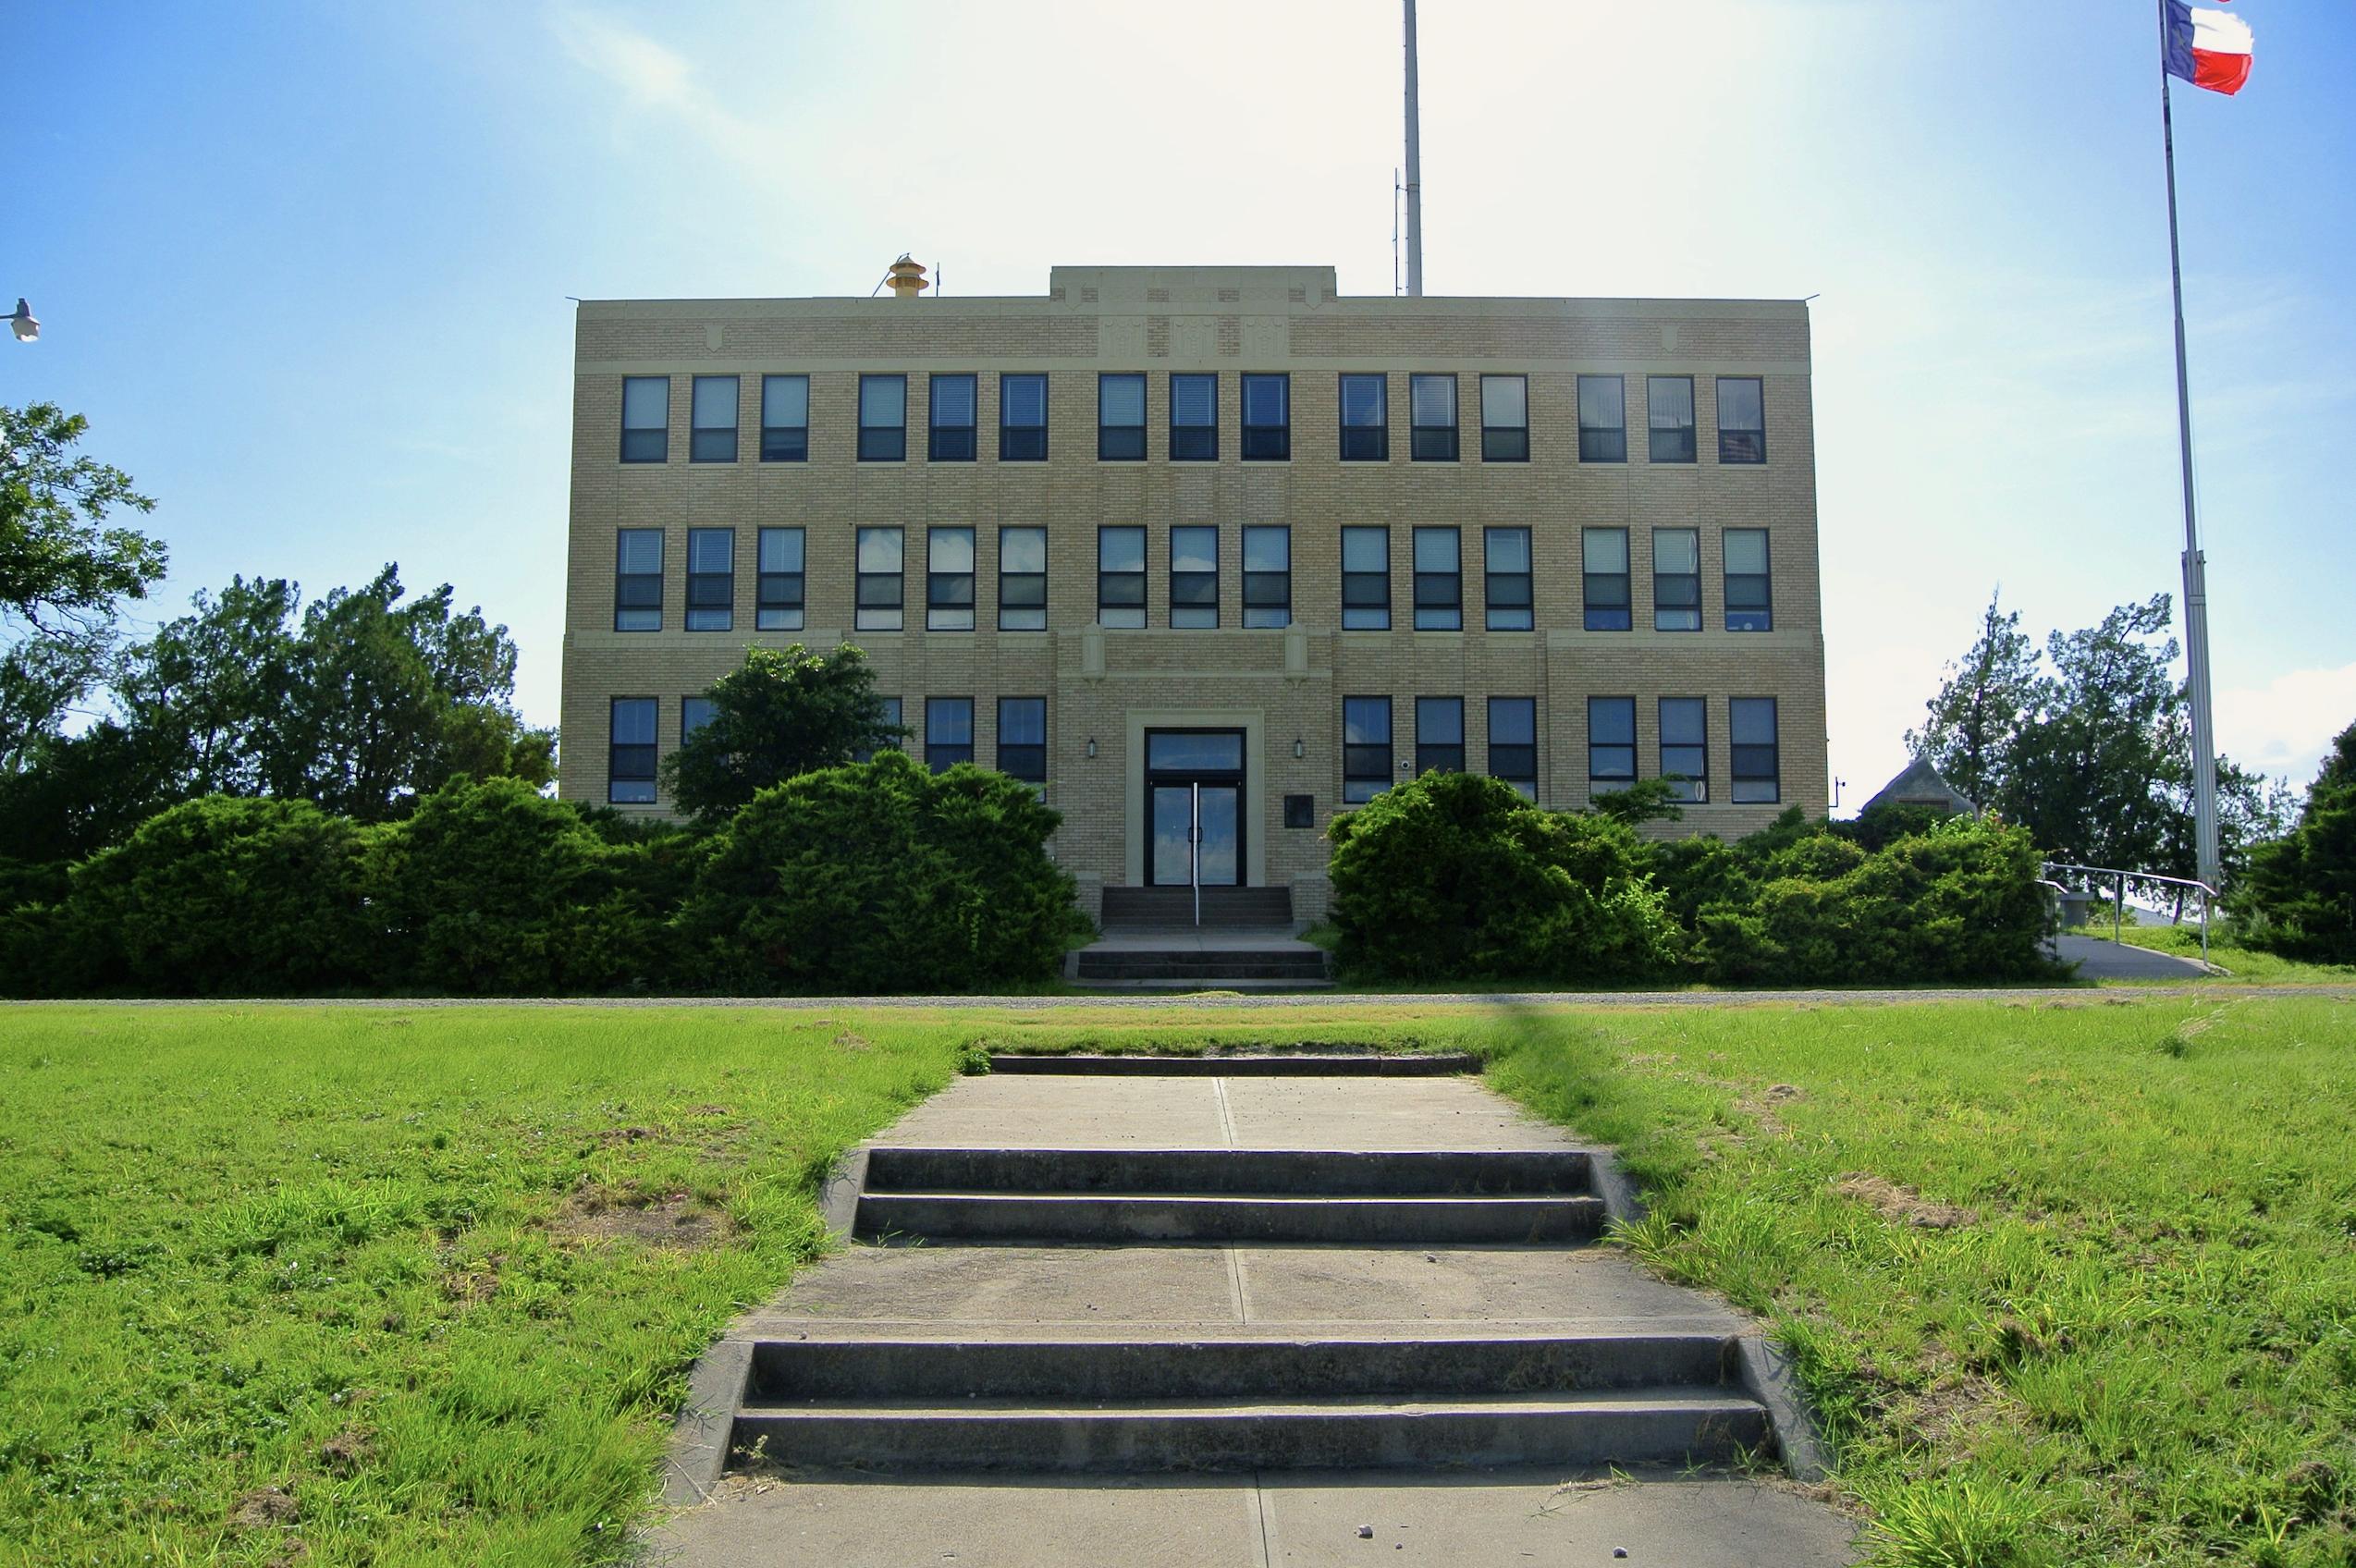 Irion County Courthouse Mertzon Texas